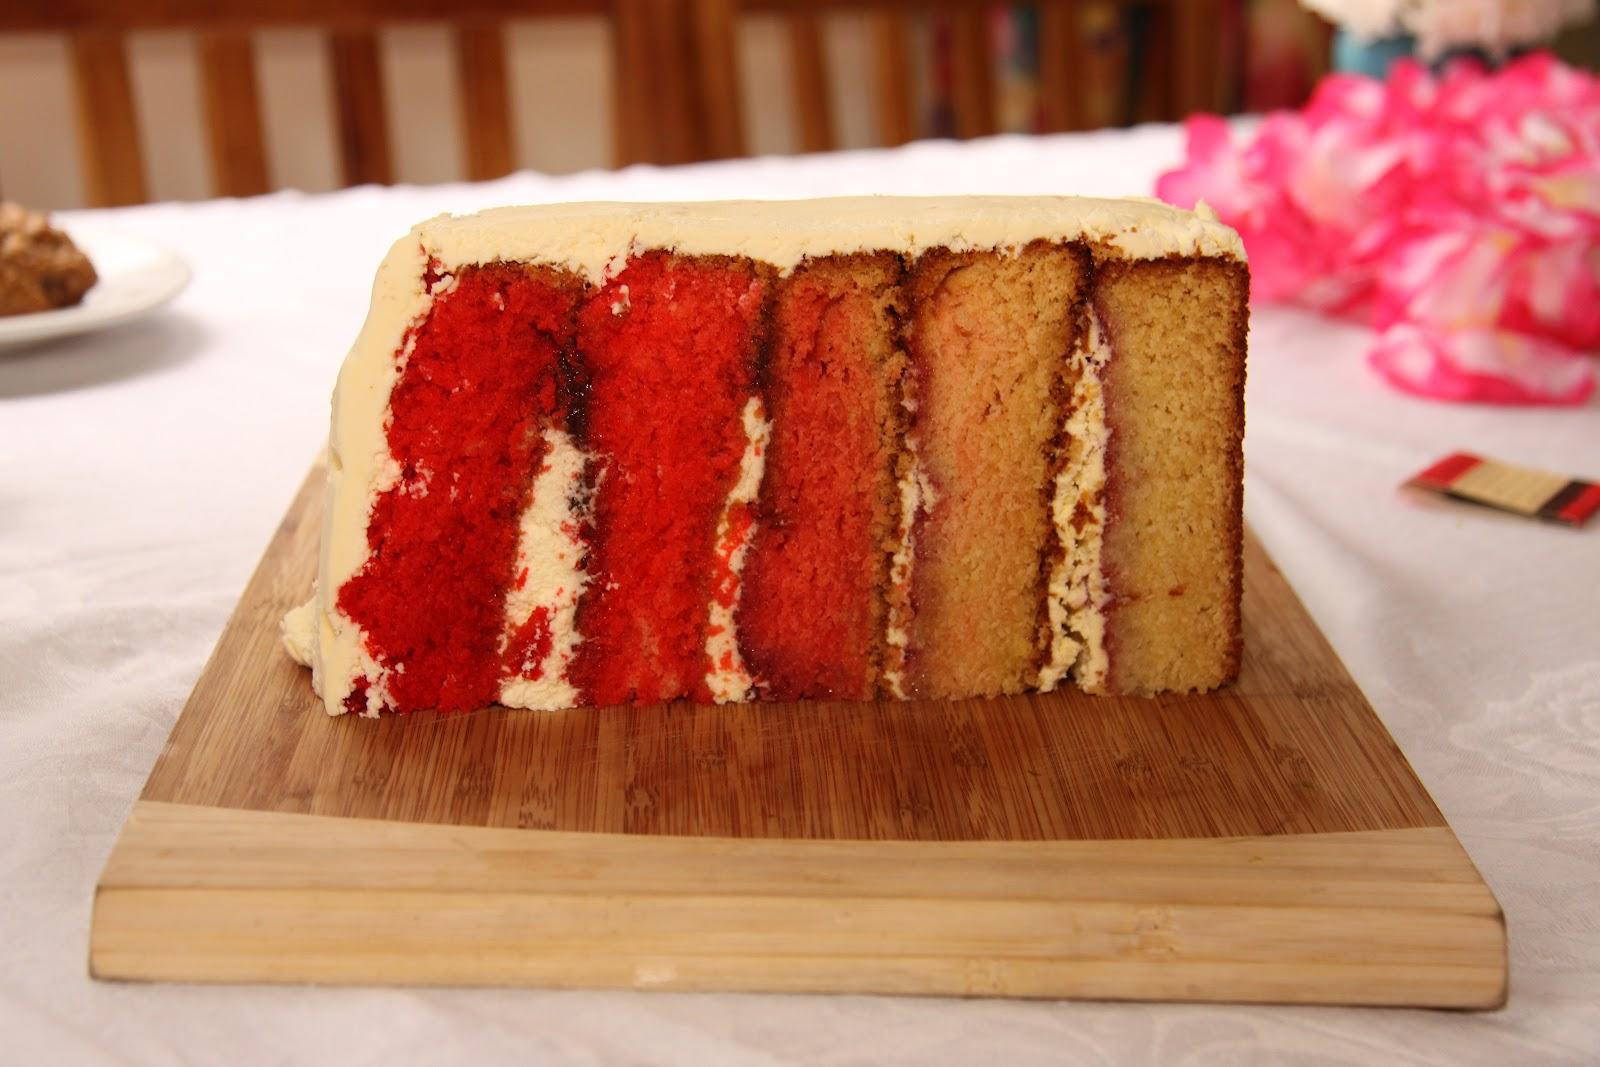 Can Cats Eat Red Velvet Cake